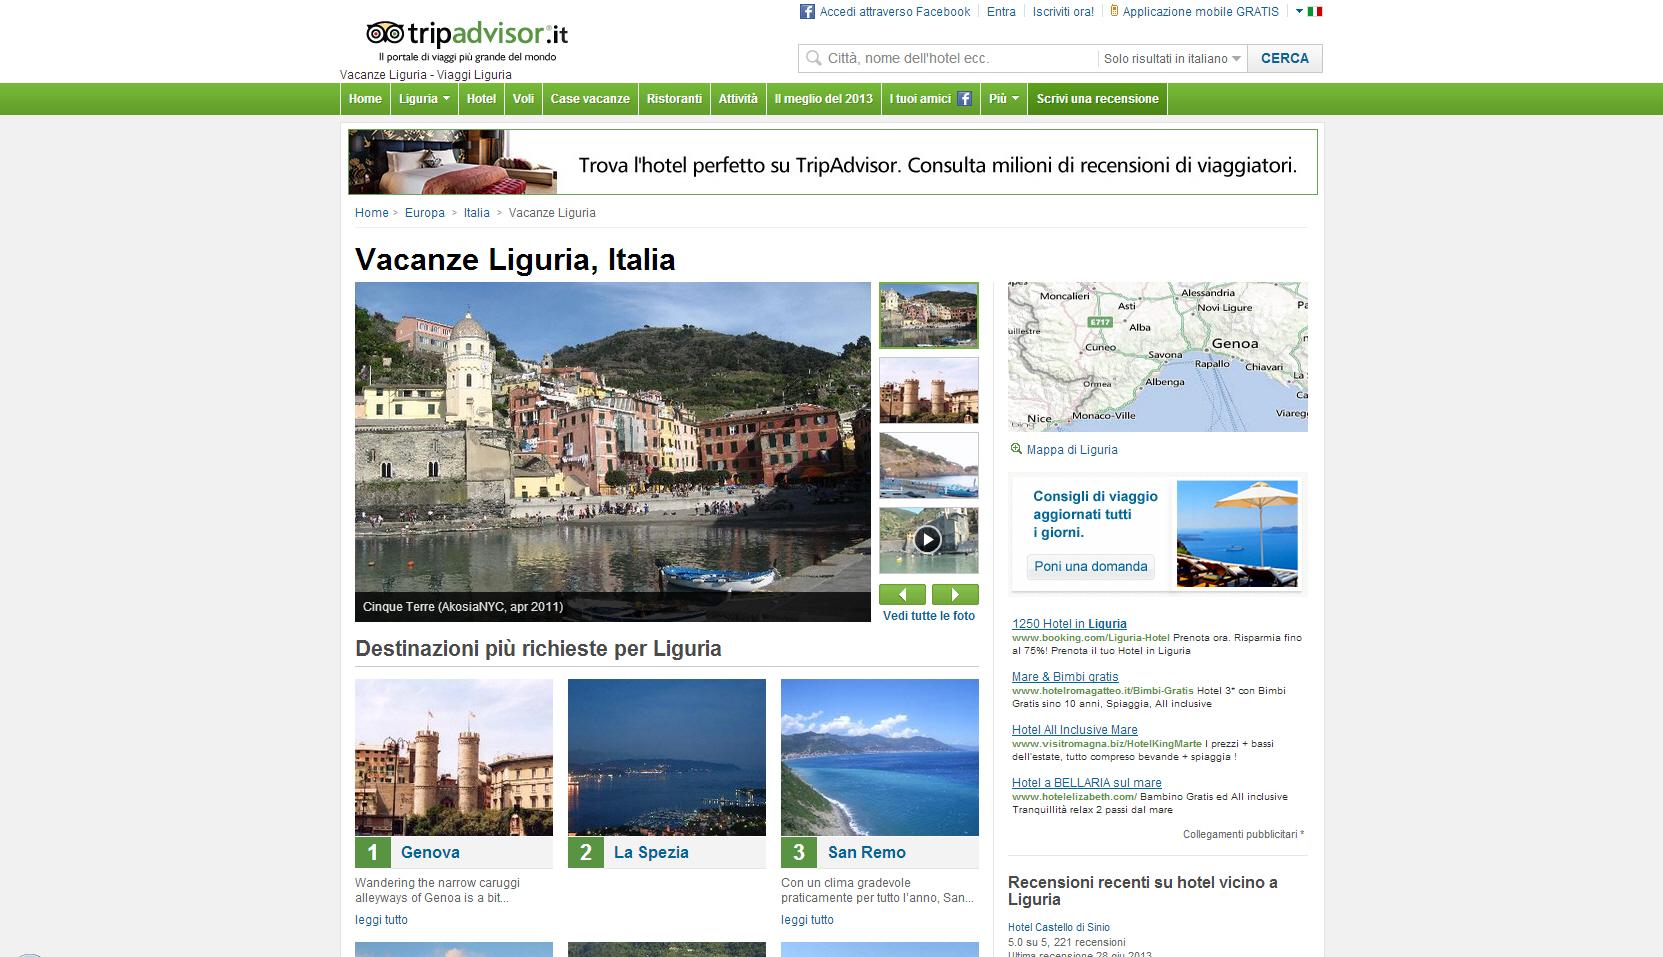 Vengo, visito e commento: com'è visto il Levante dai turisti. Sul più importante sito di viaggi al mondo non mancano le sorprese